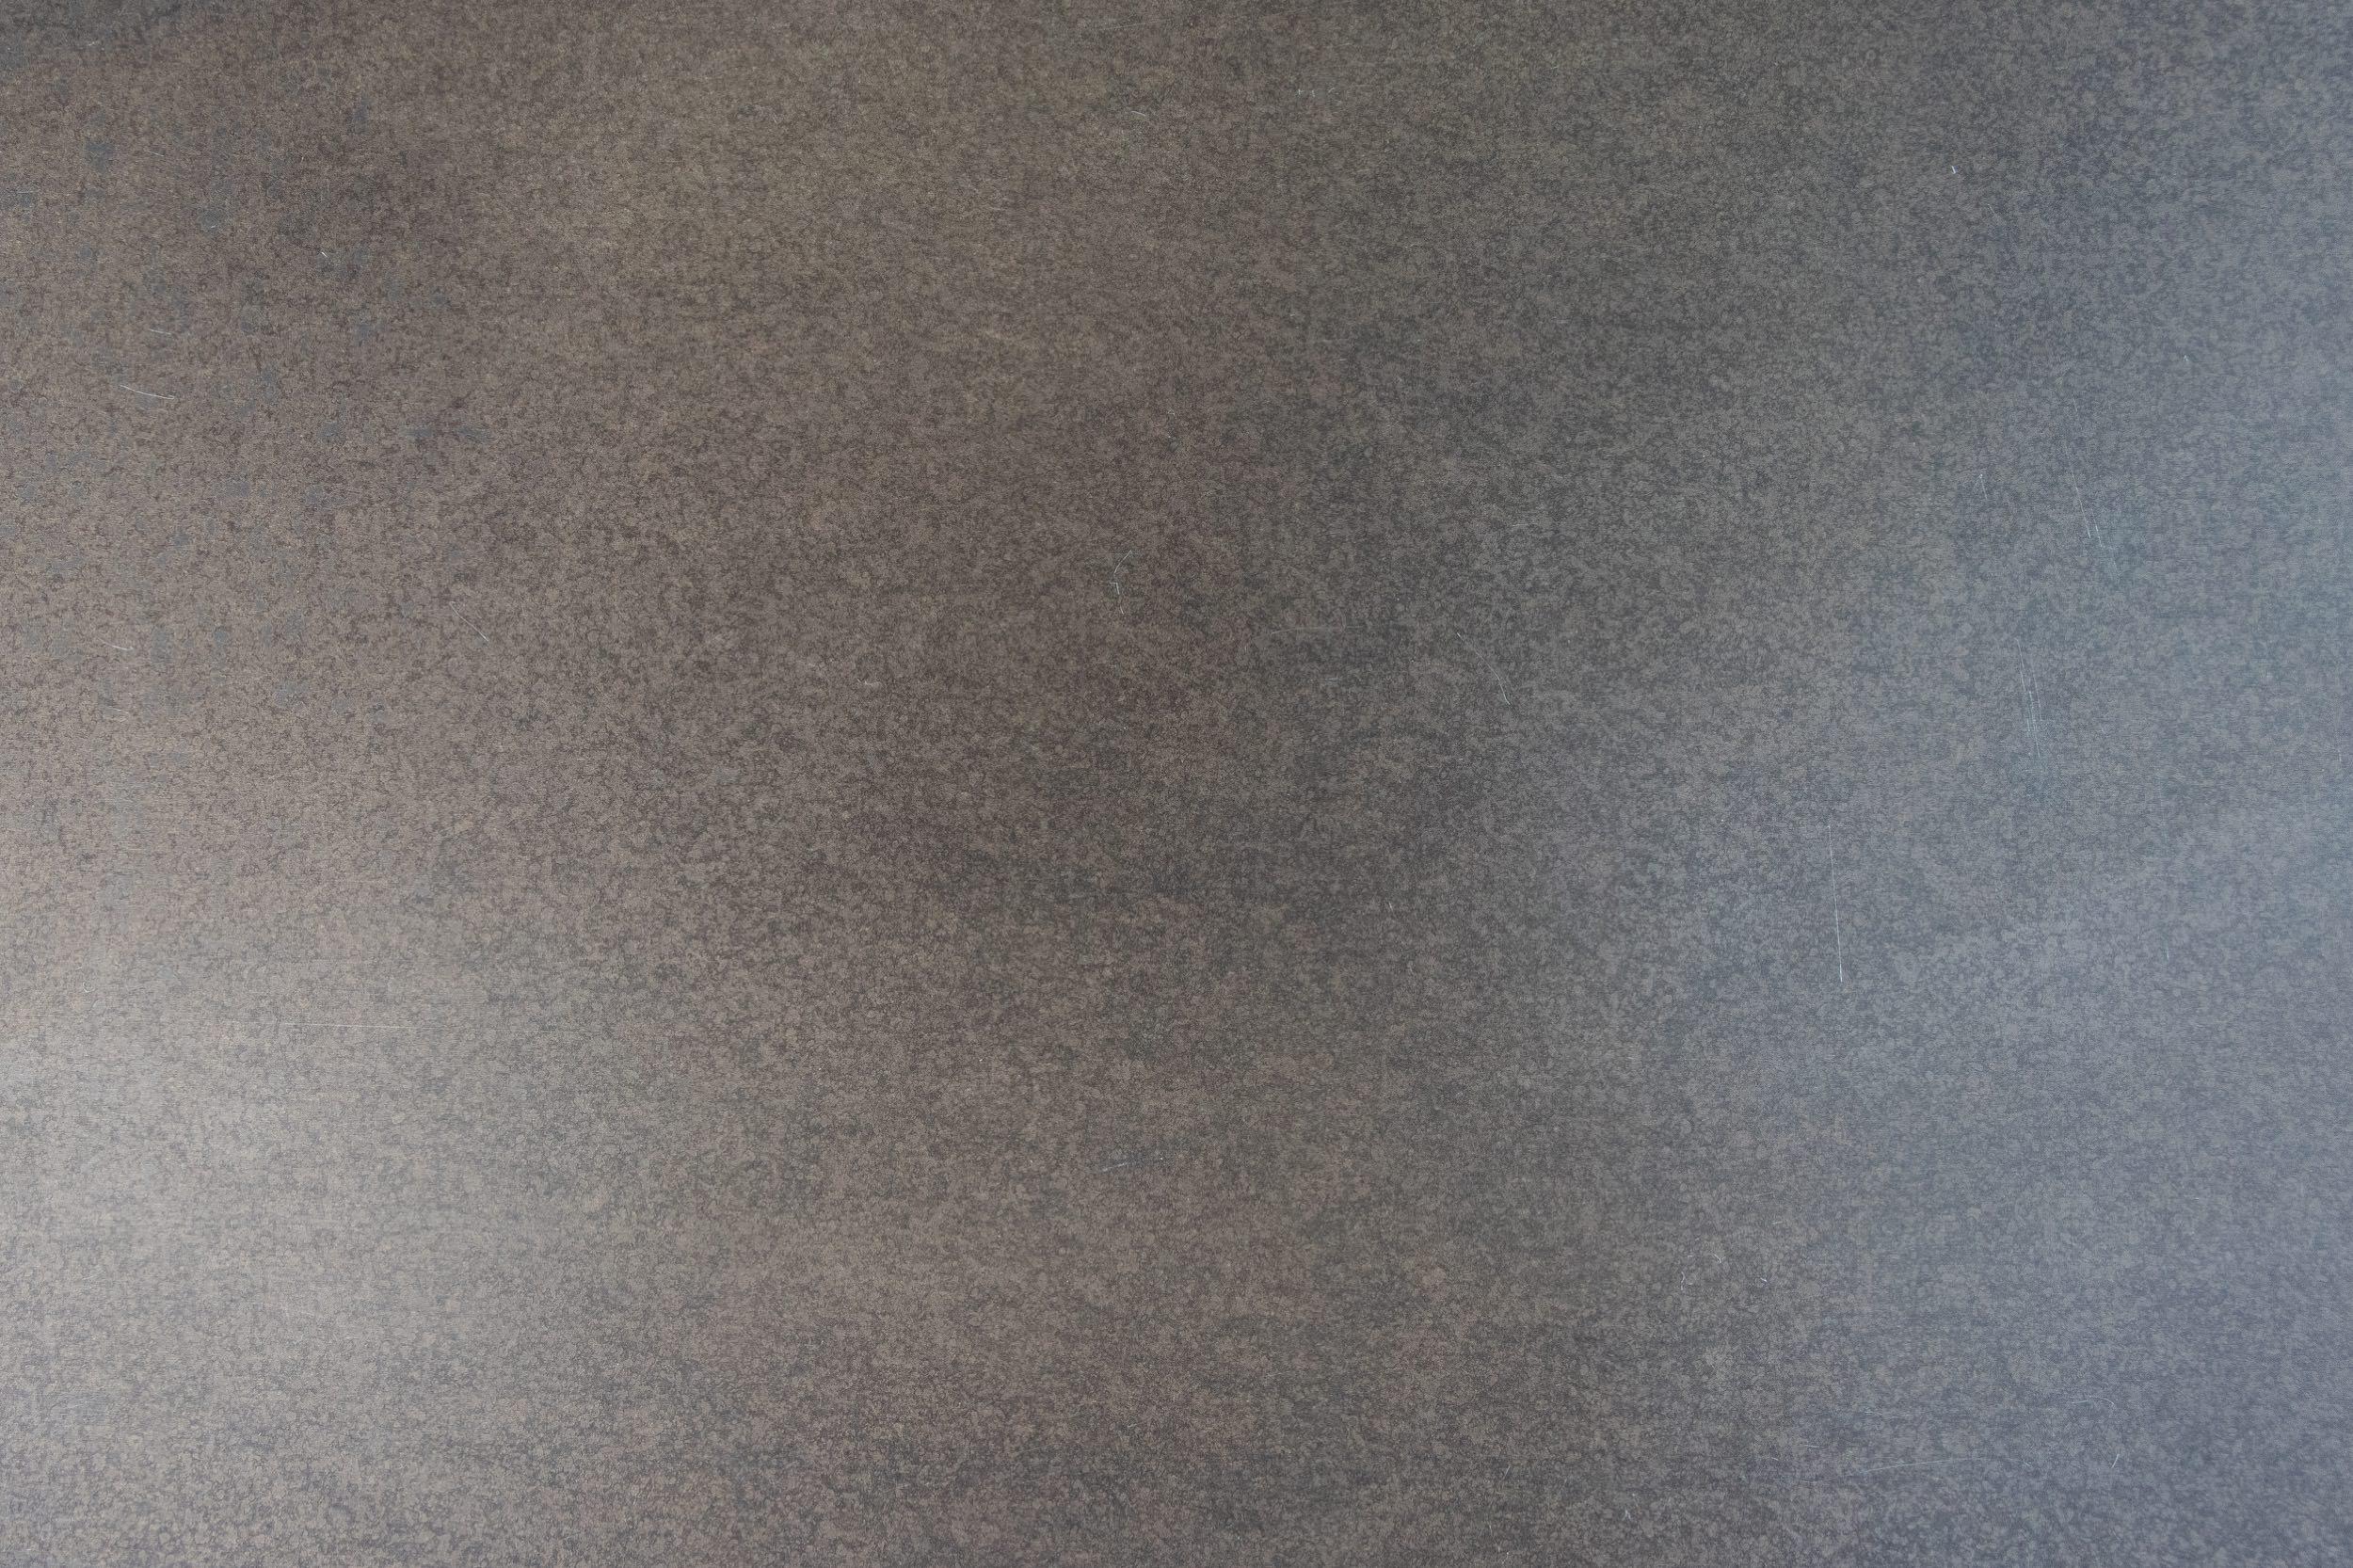 ZINC S006 SURFACE DETAIL.